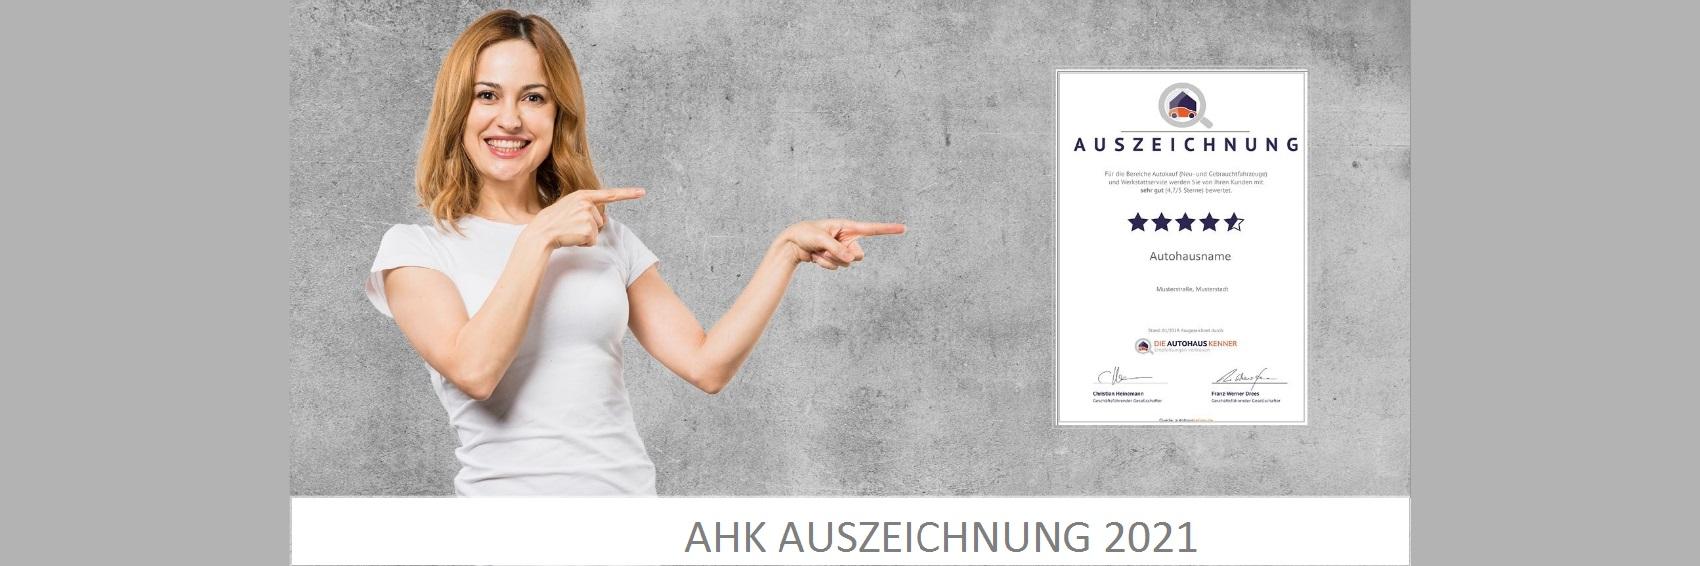 AHK Auszeichnung 2021